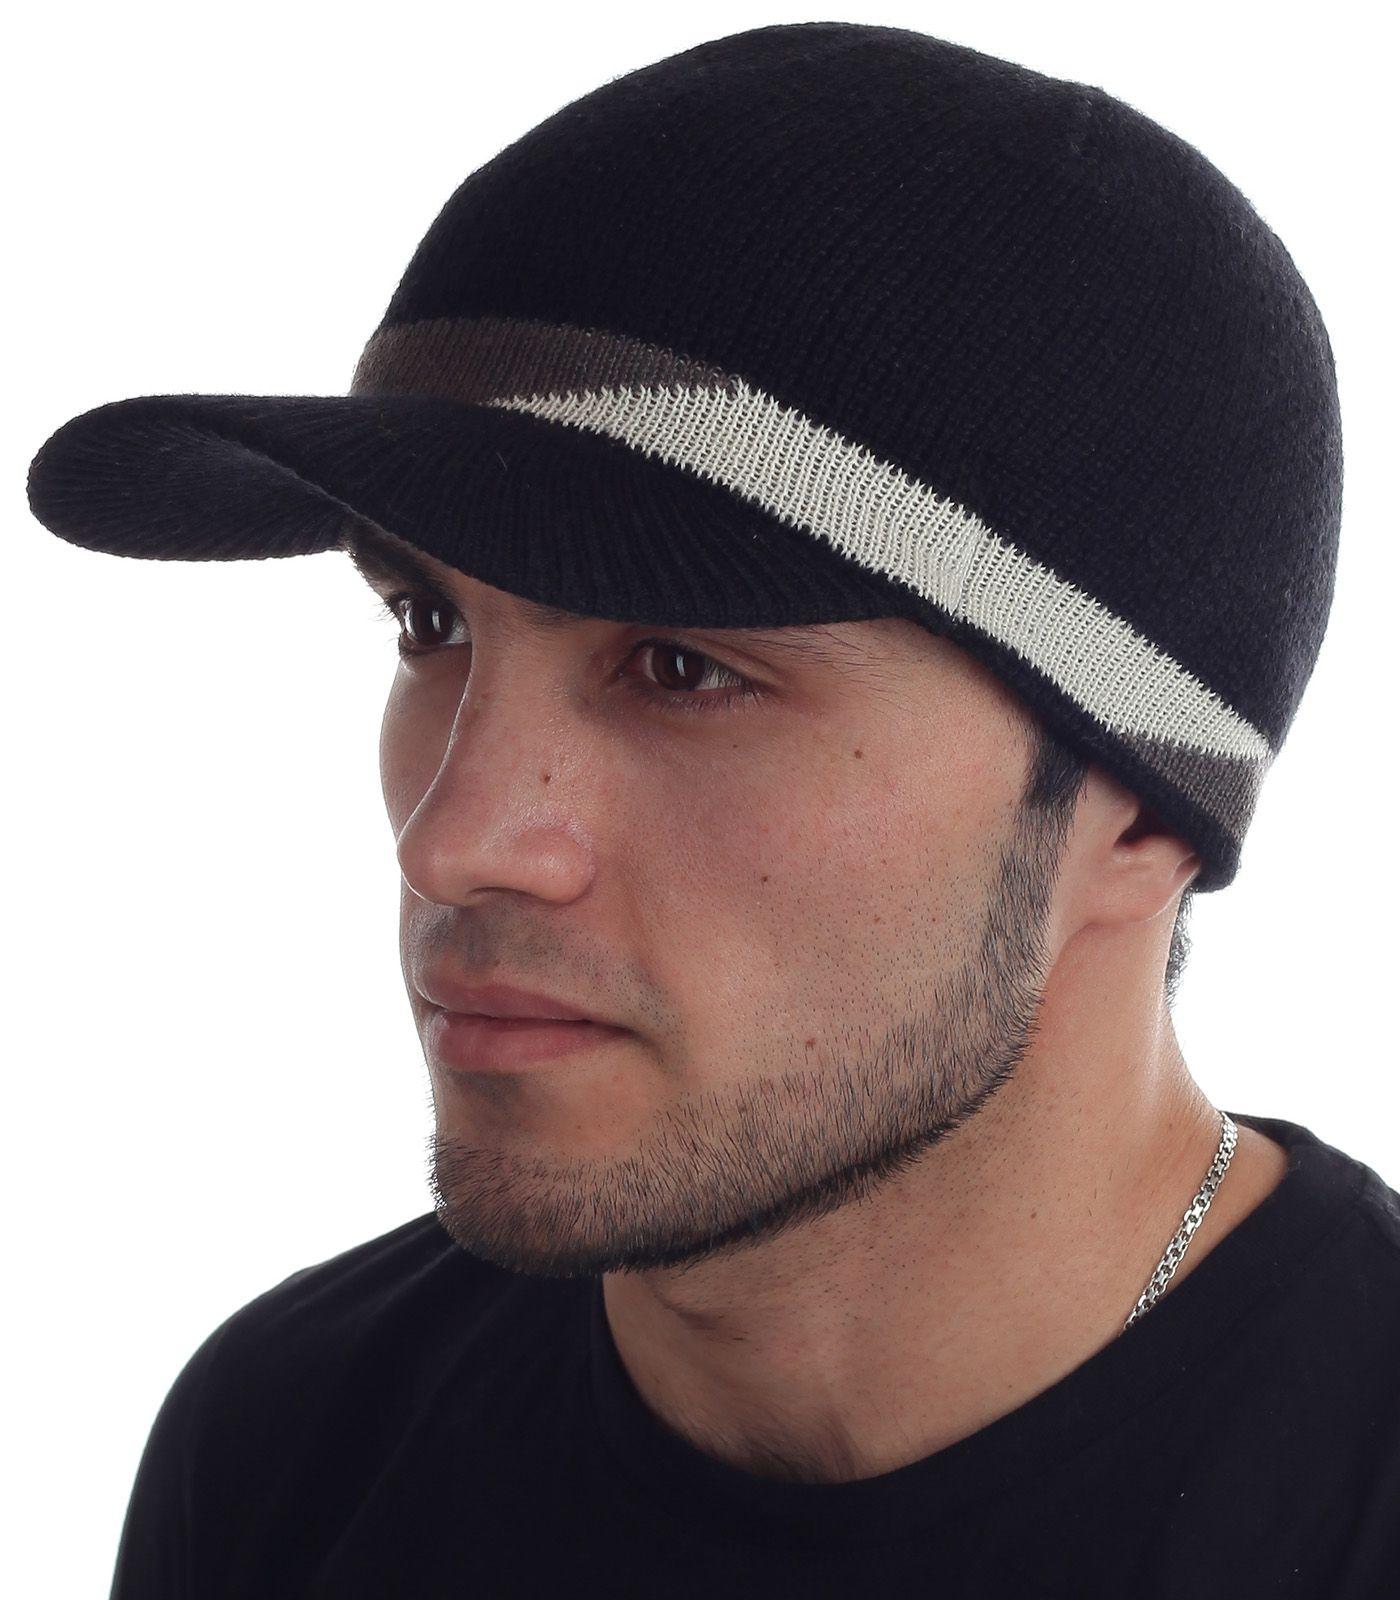 Купить черную трикотажную шапку с козырьком элегантного варианта по оптимальной цене